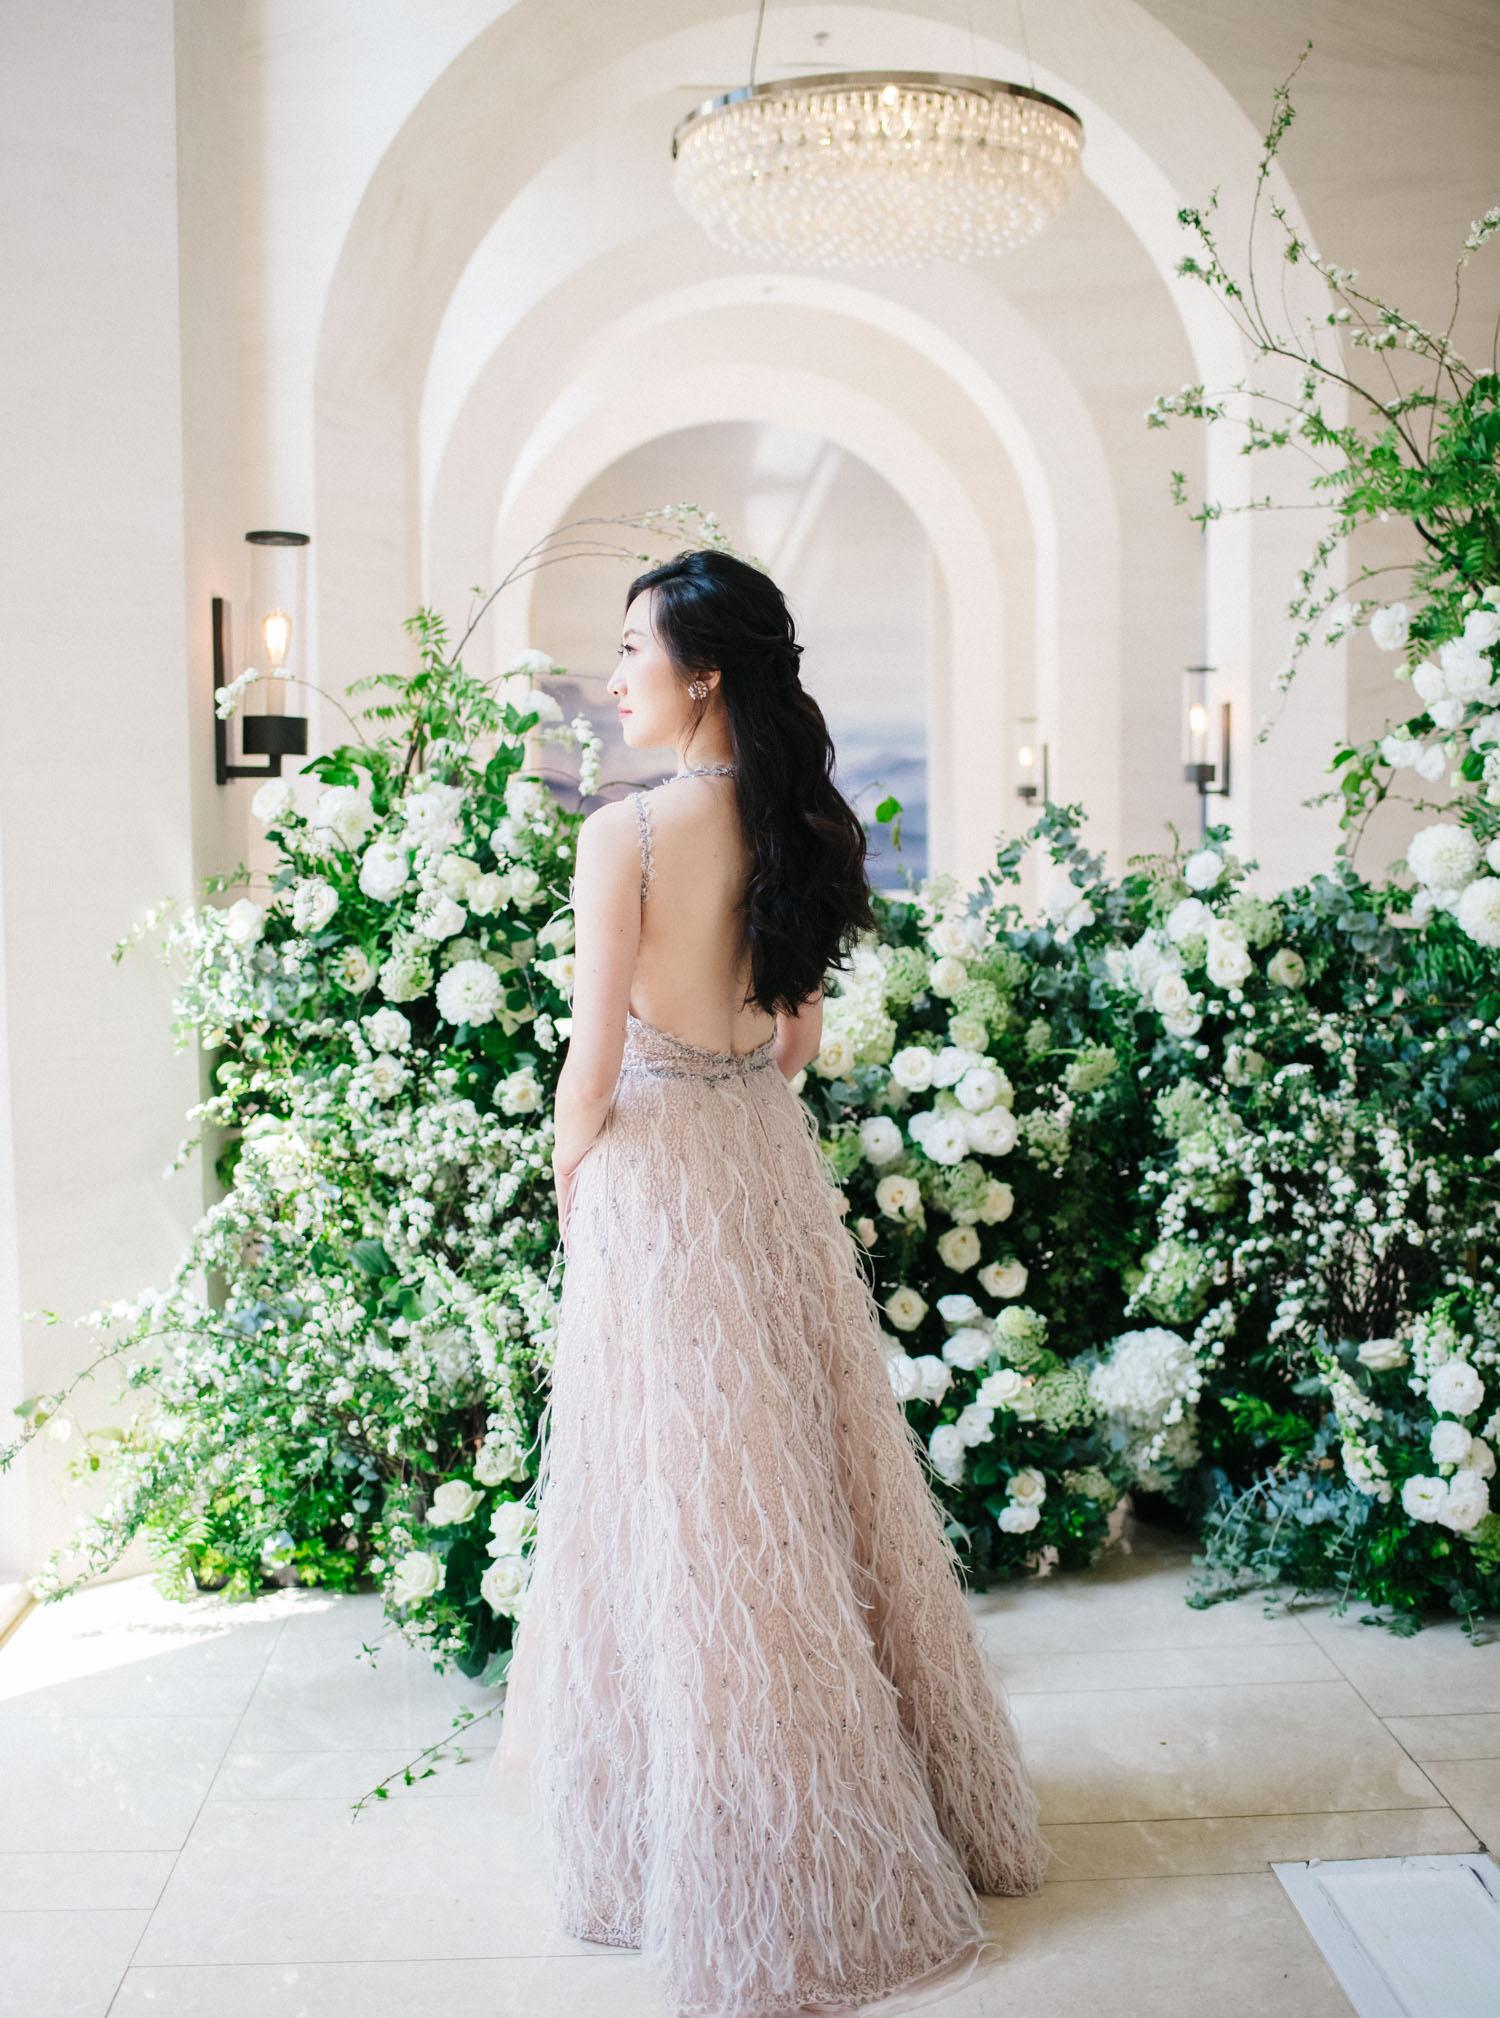 林莉婚紗-台北 萬豪酒店婚禮-婚禮-婚攝-Mark Hong